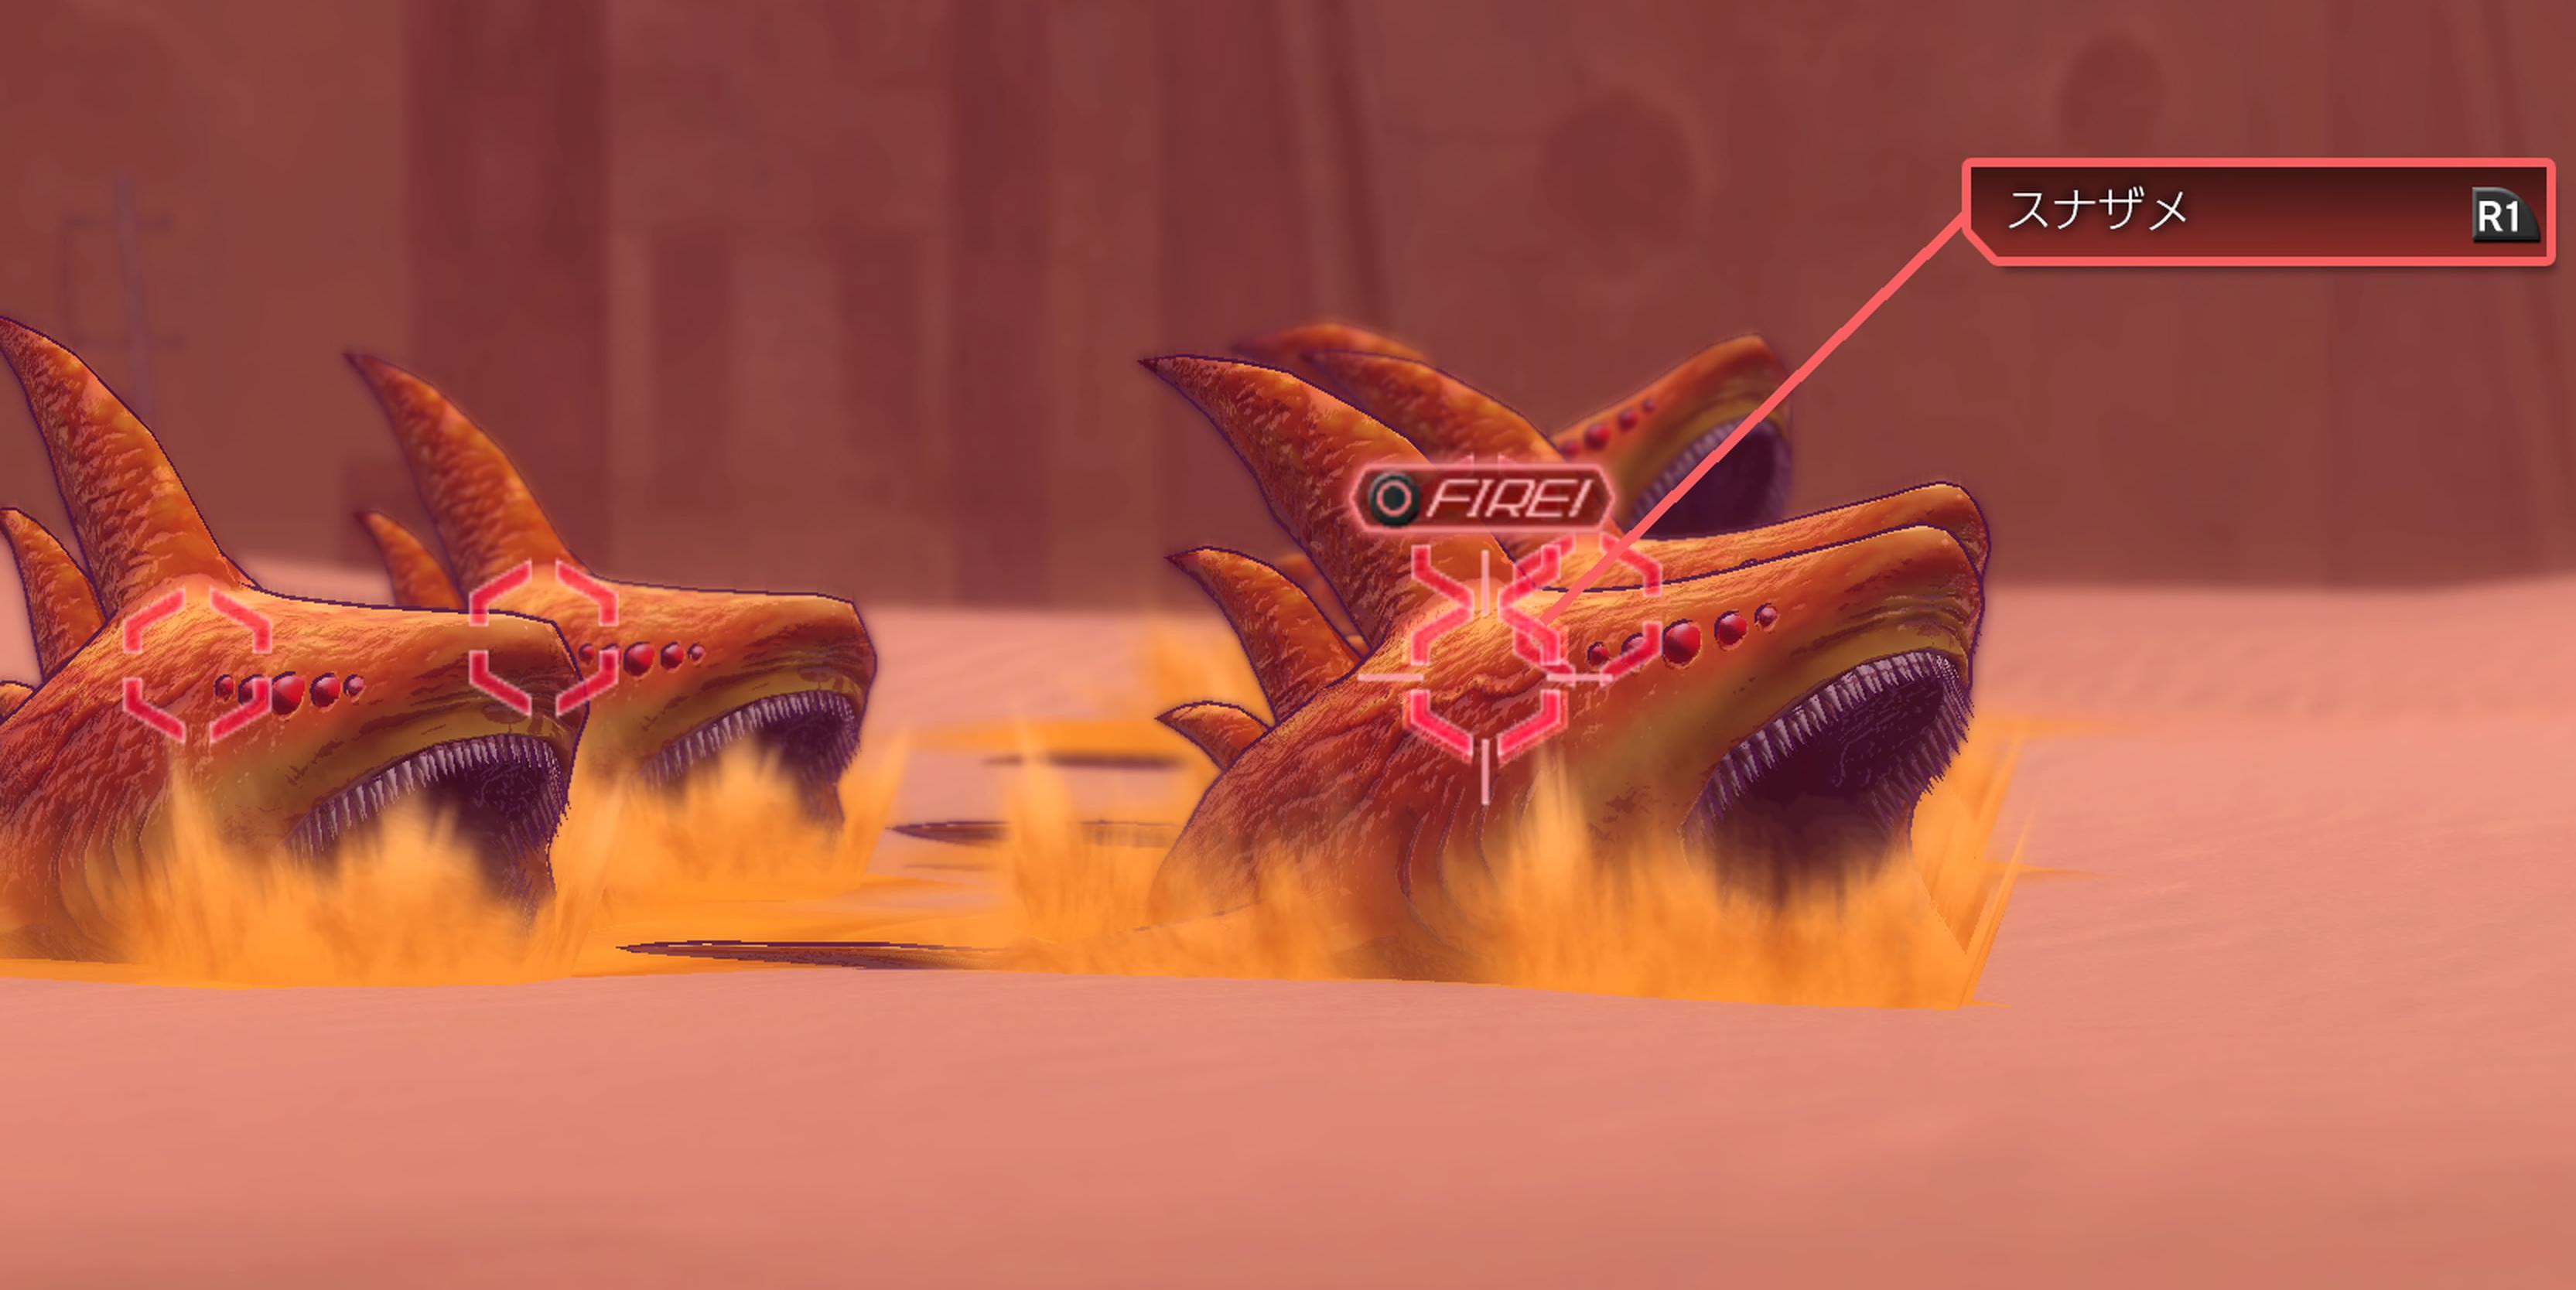 gQSqmIiNiXoer - 【画像】PS4「メタルマックス 最新作」をご覧ください